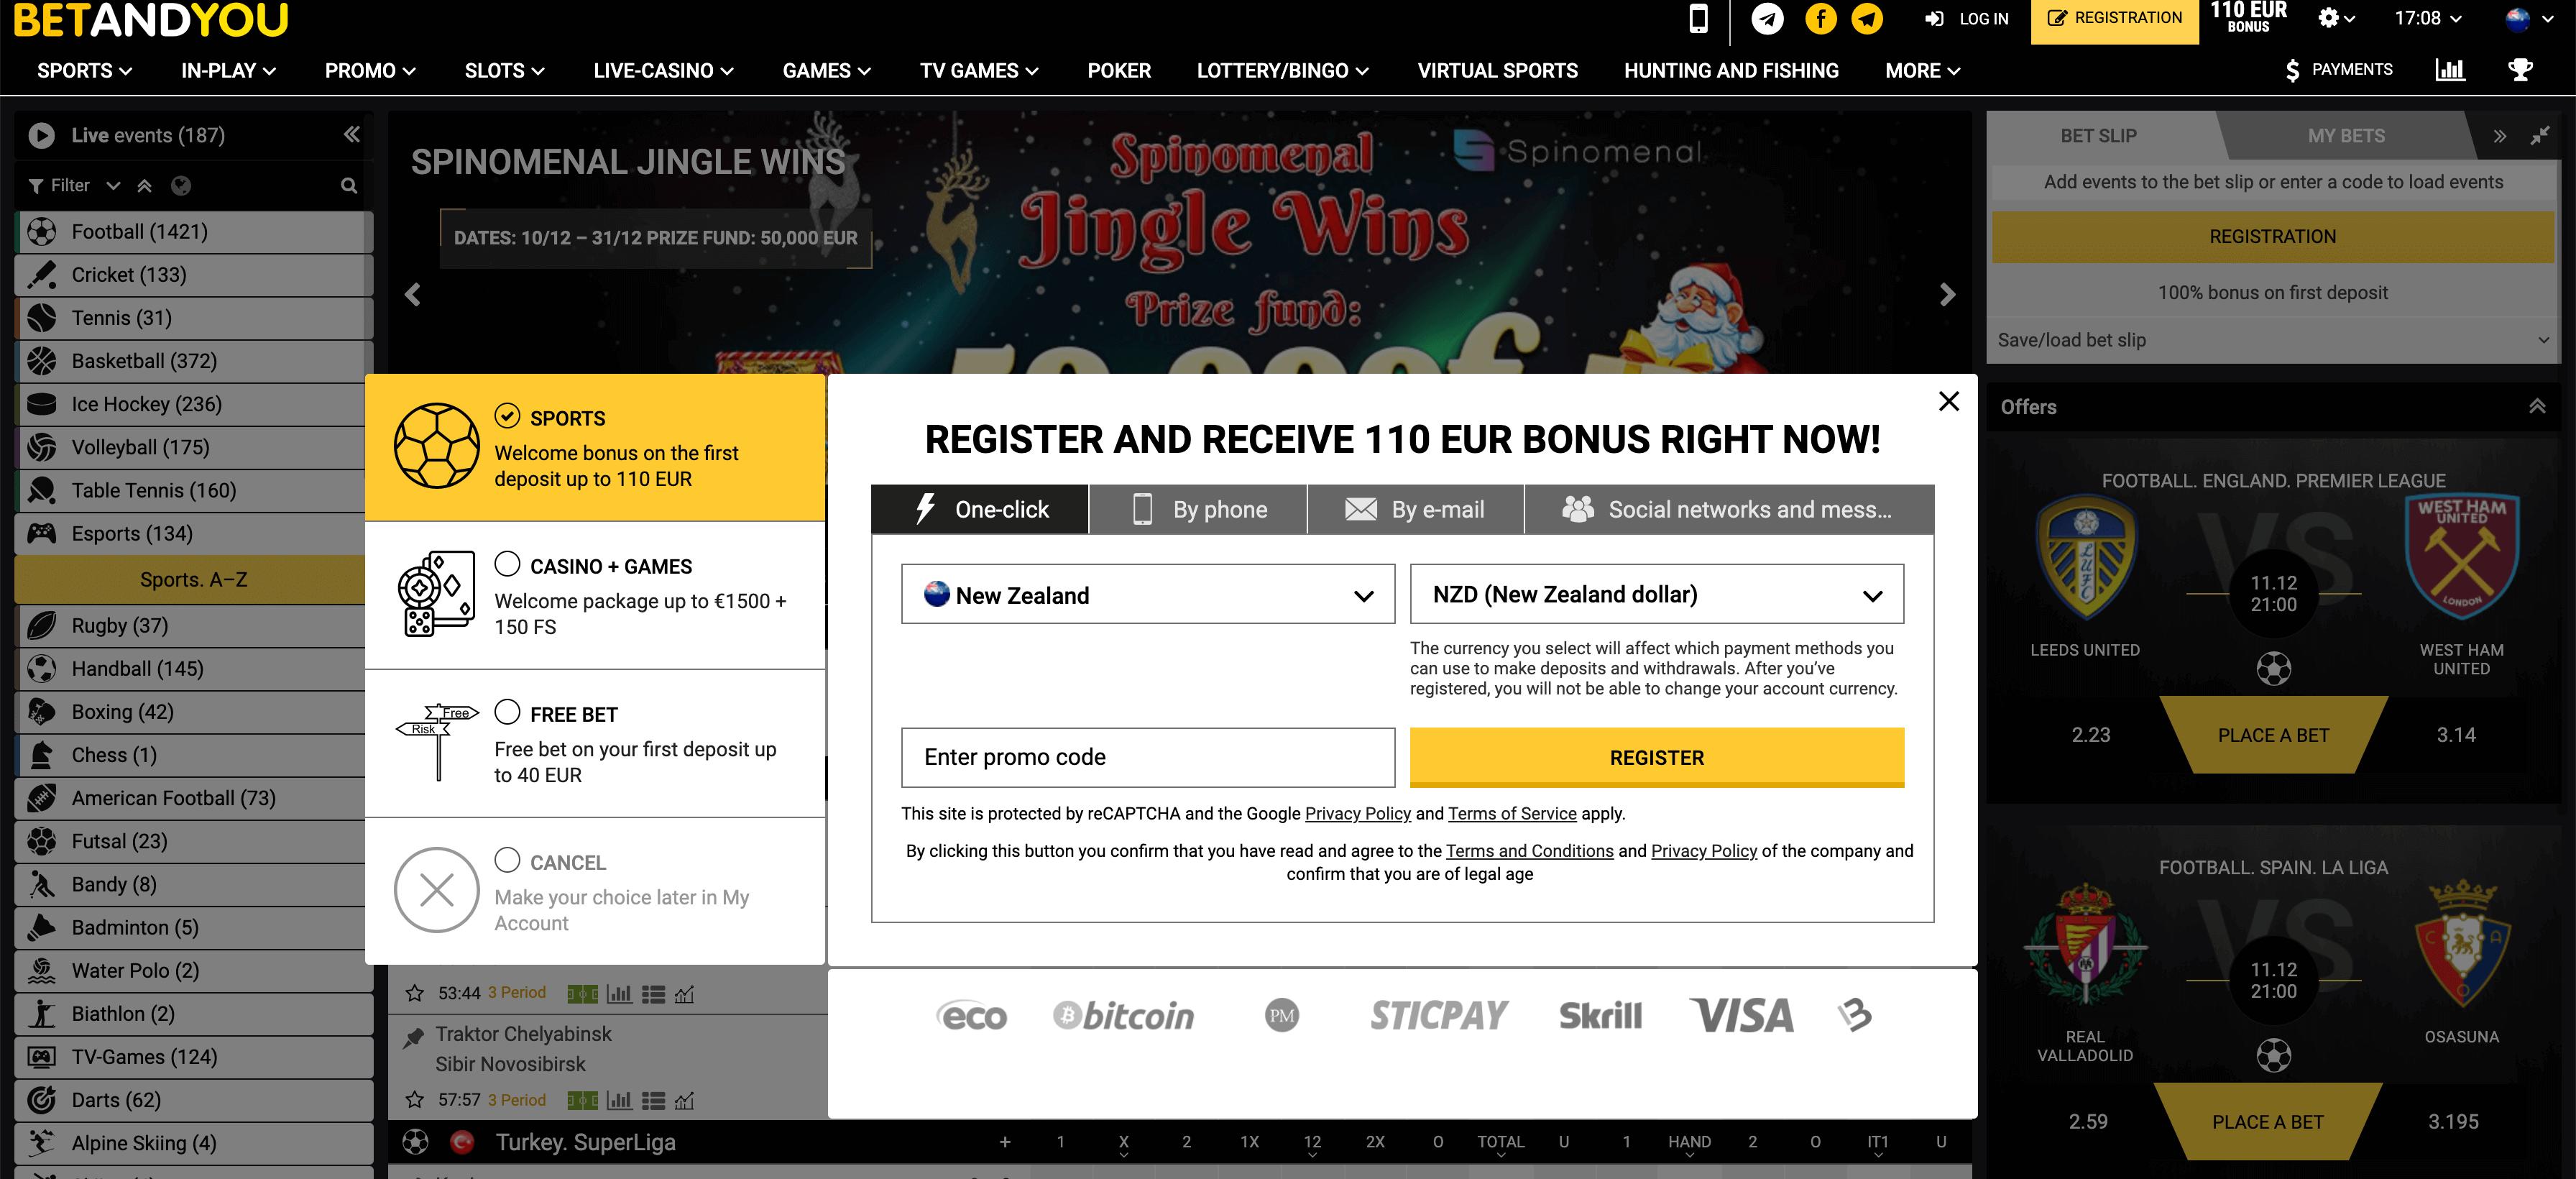 betandyou registration